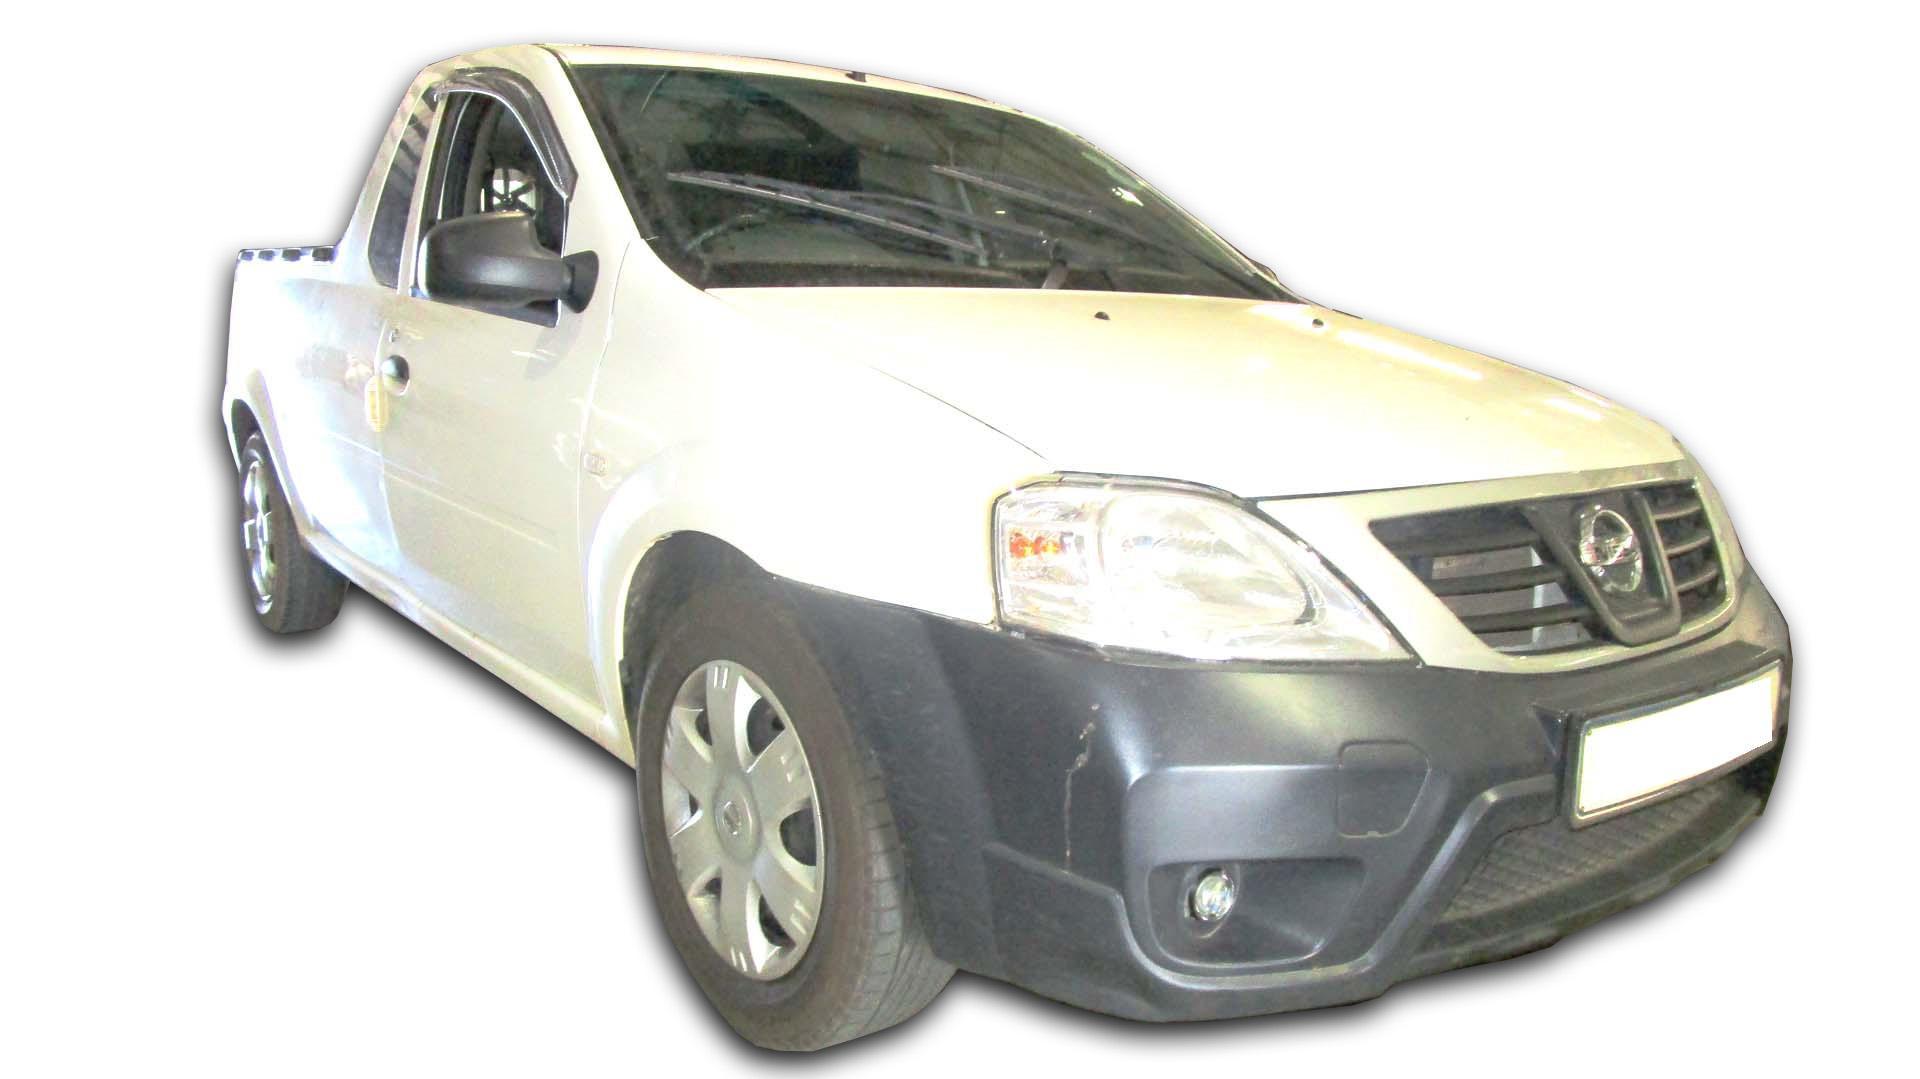 Nissan NP200 1.6 A/C Safety P/U